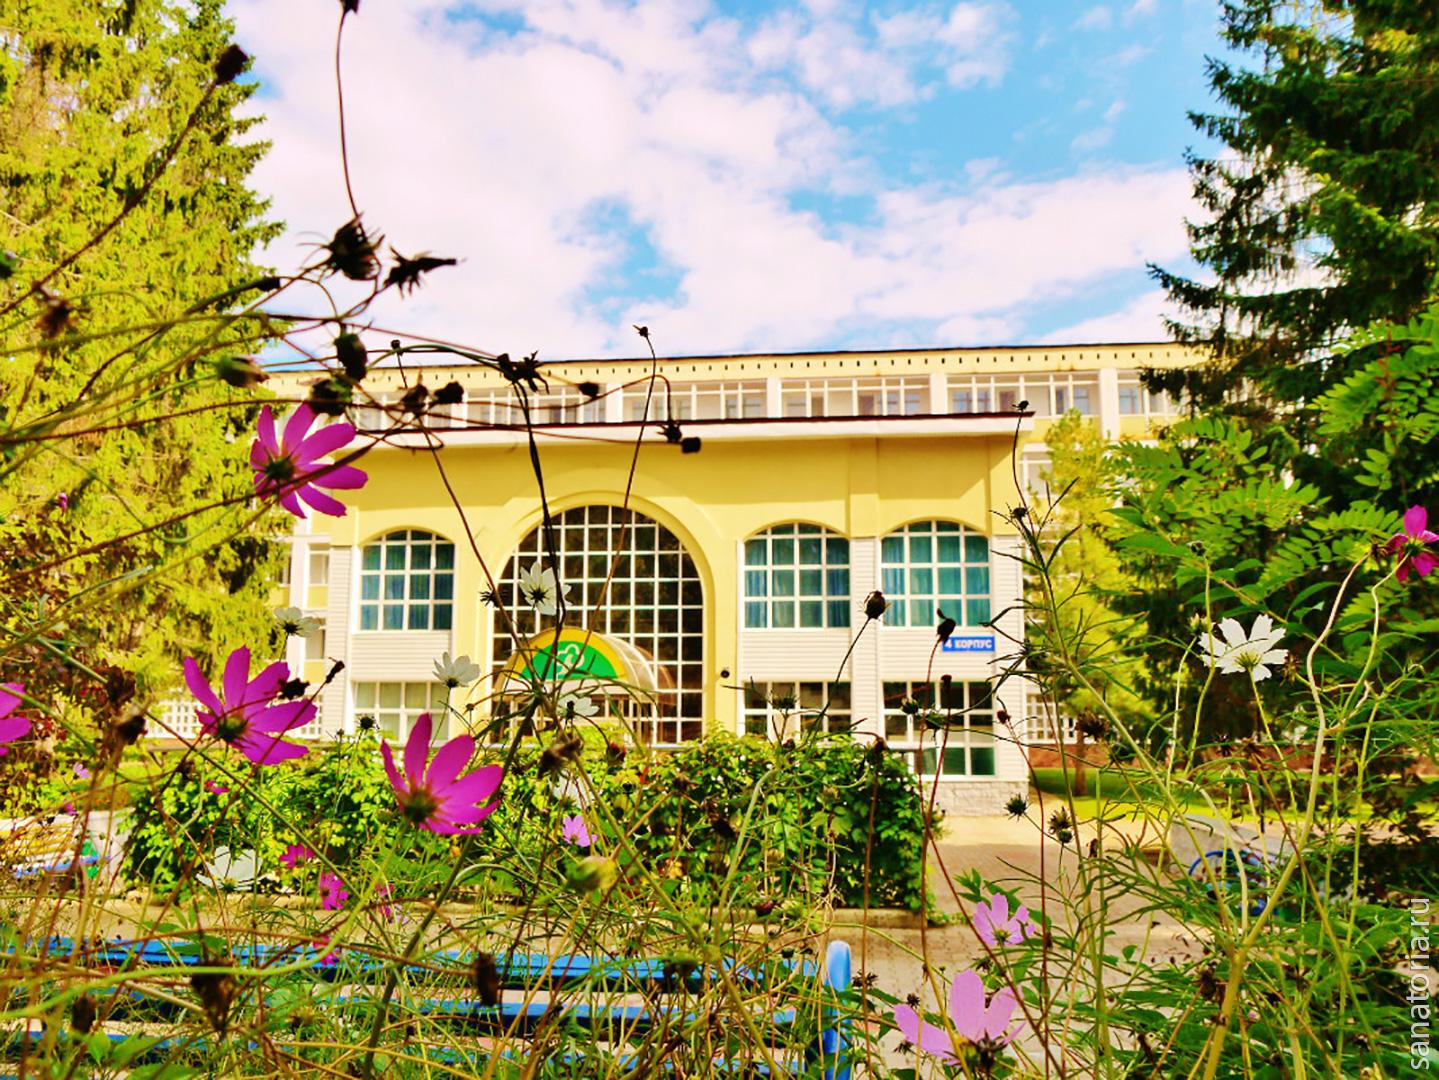 Работа в санатории зеленая роща уфа